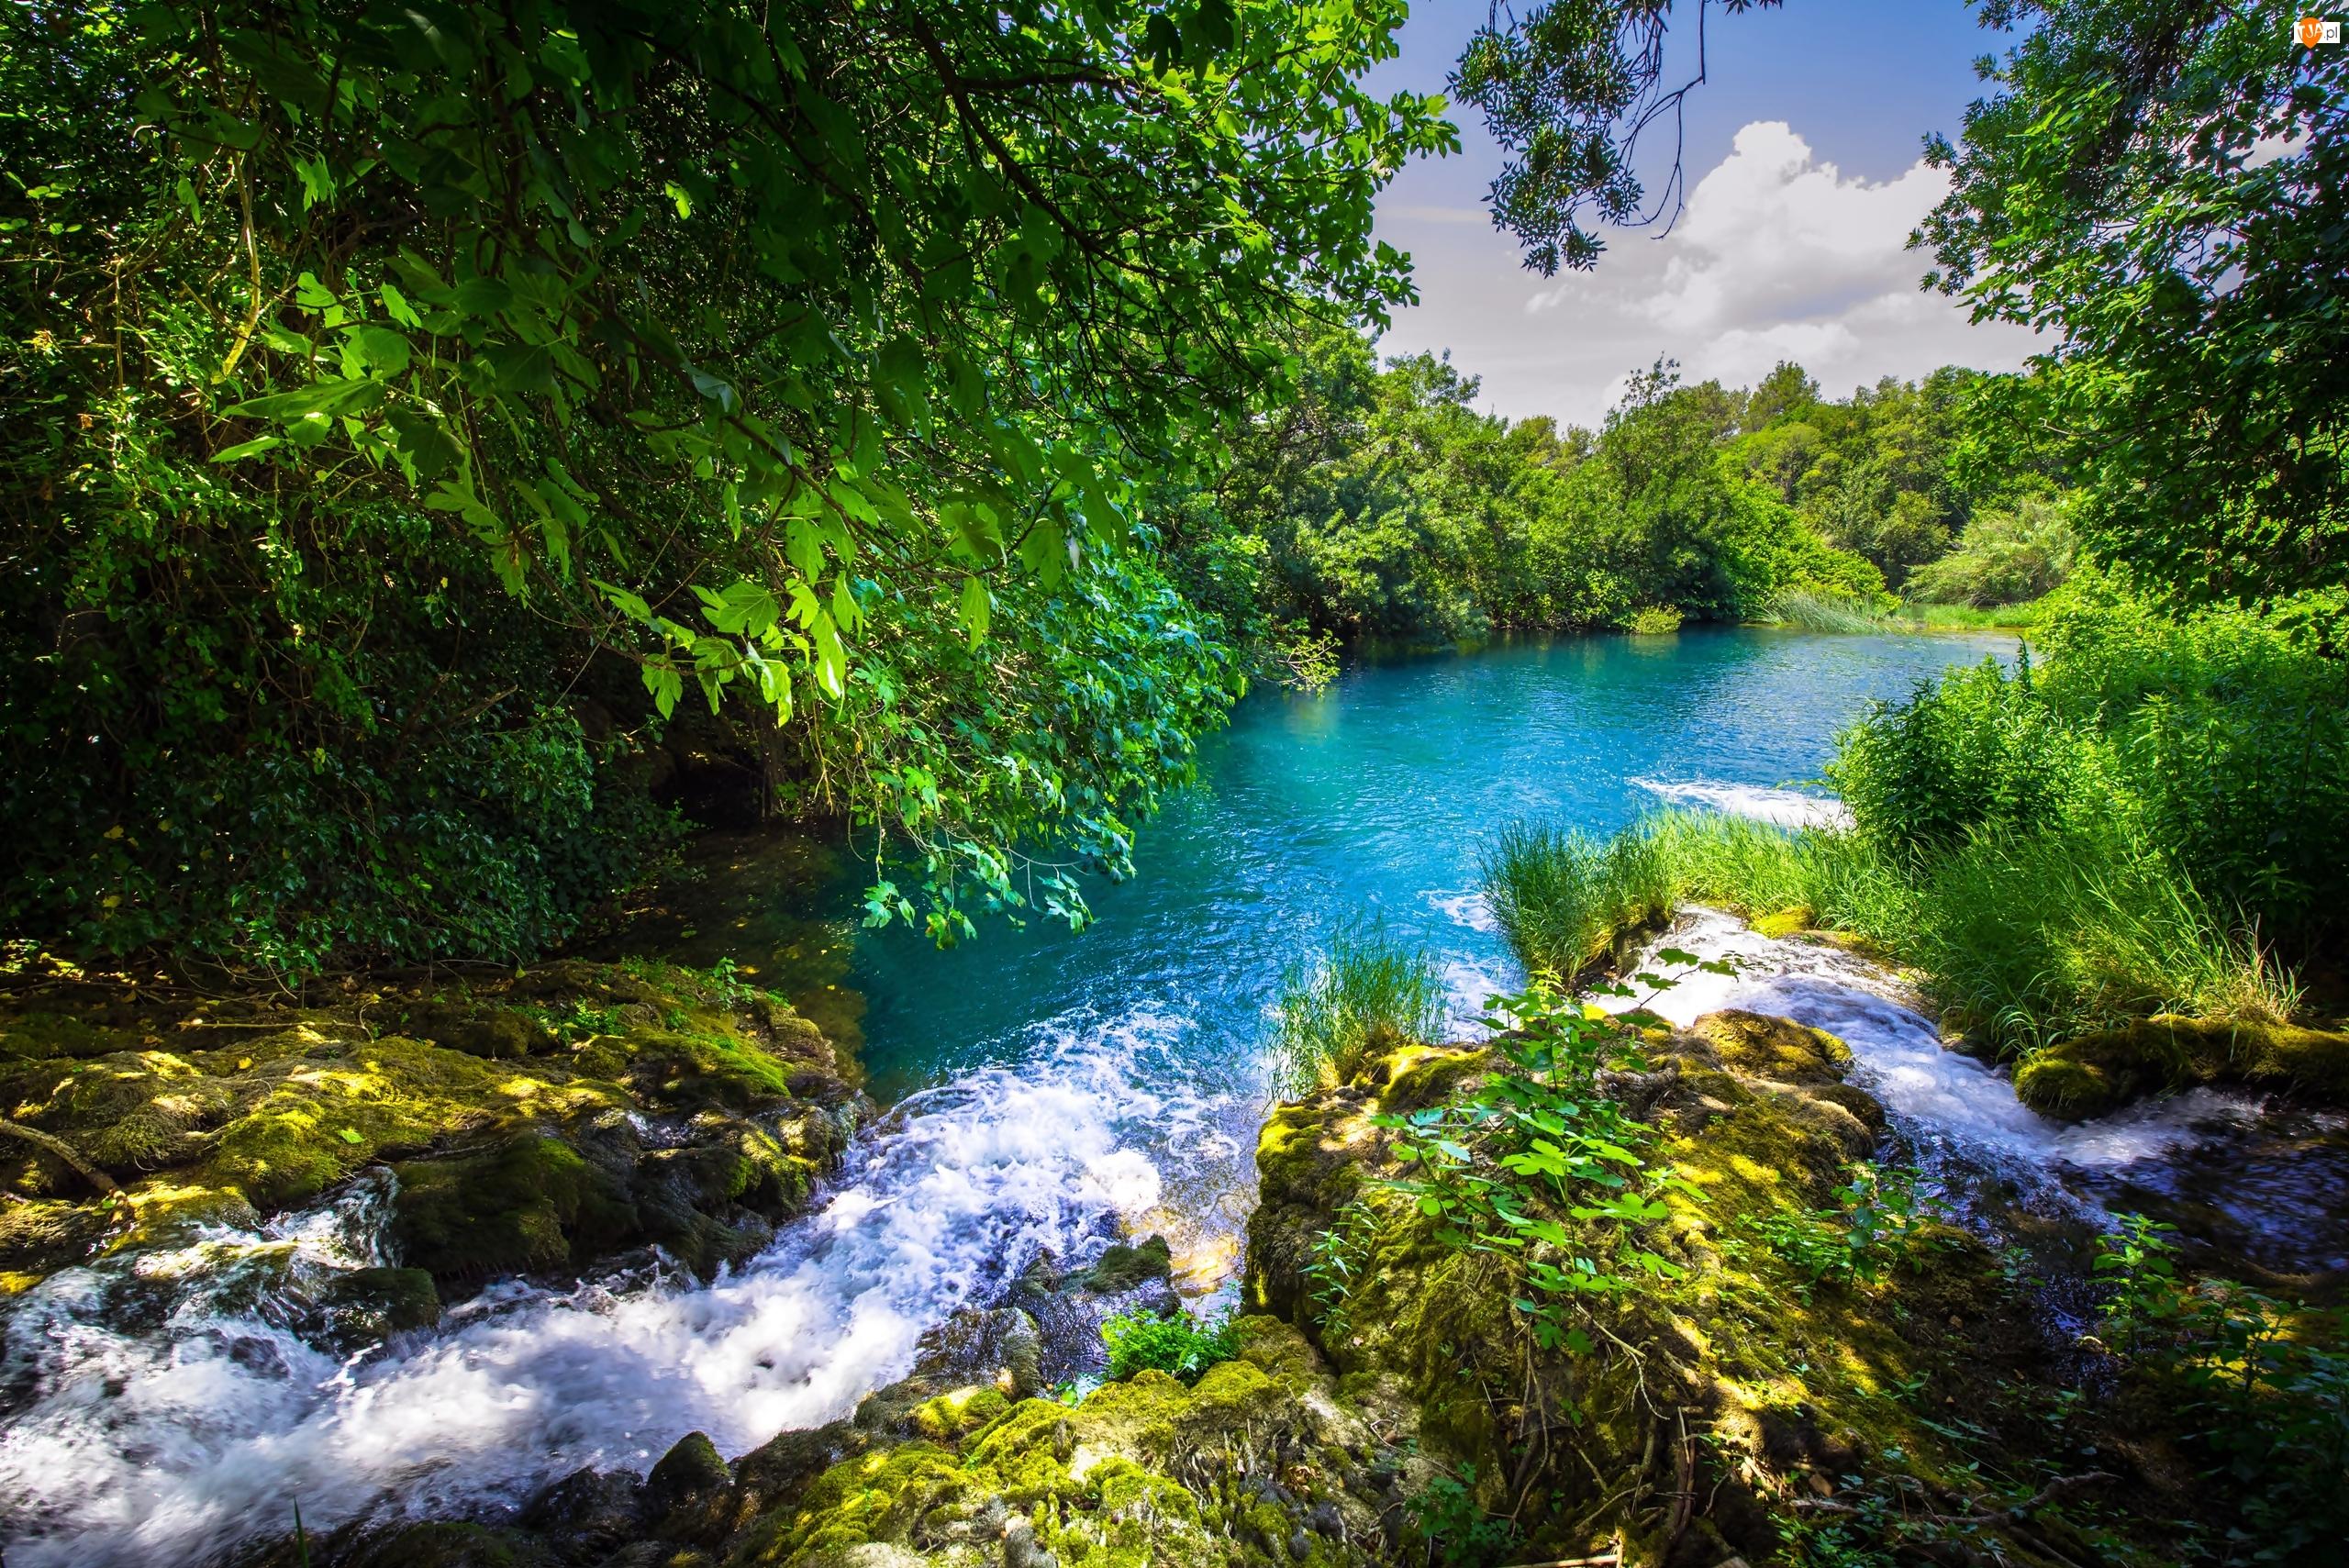 Chorwacja, Rzeka Krka, Dalmacja, Park Narodowy Krka